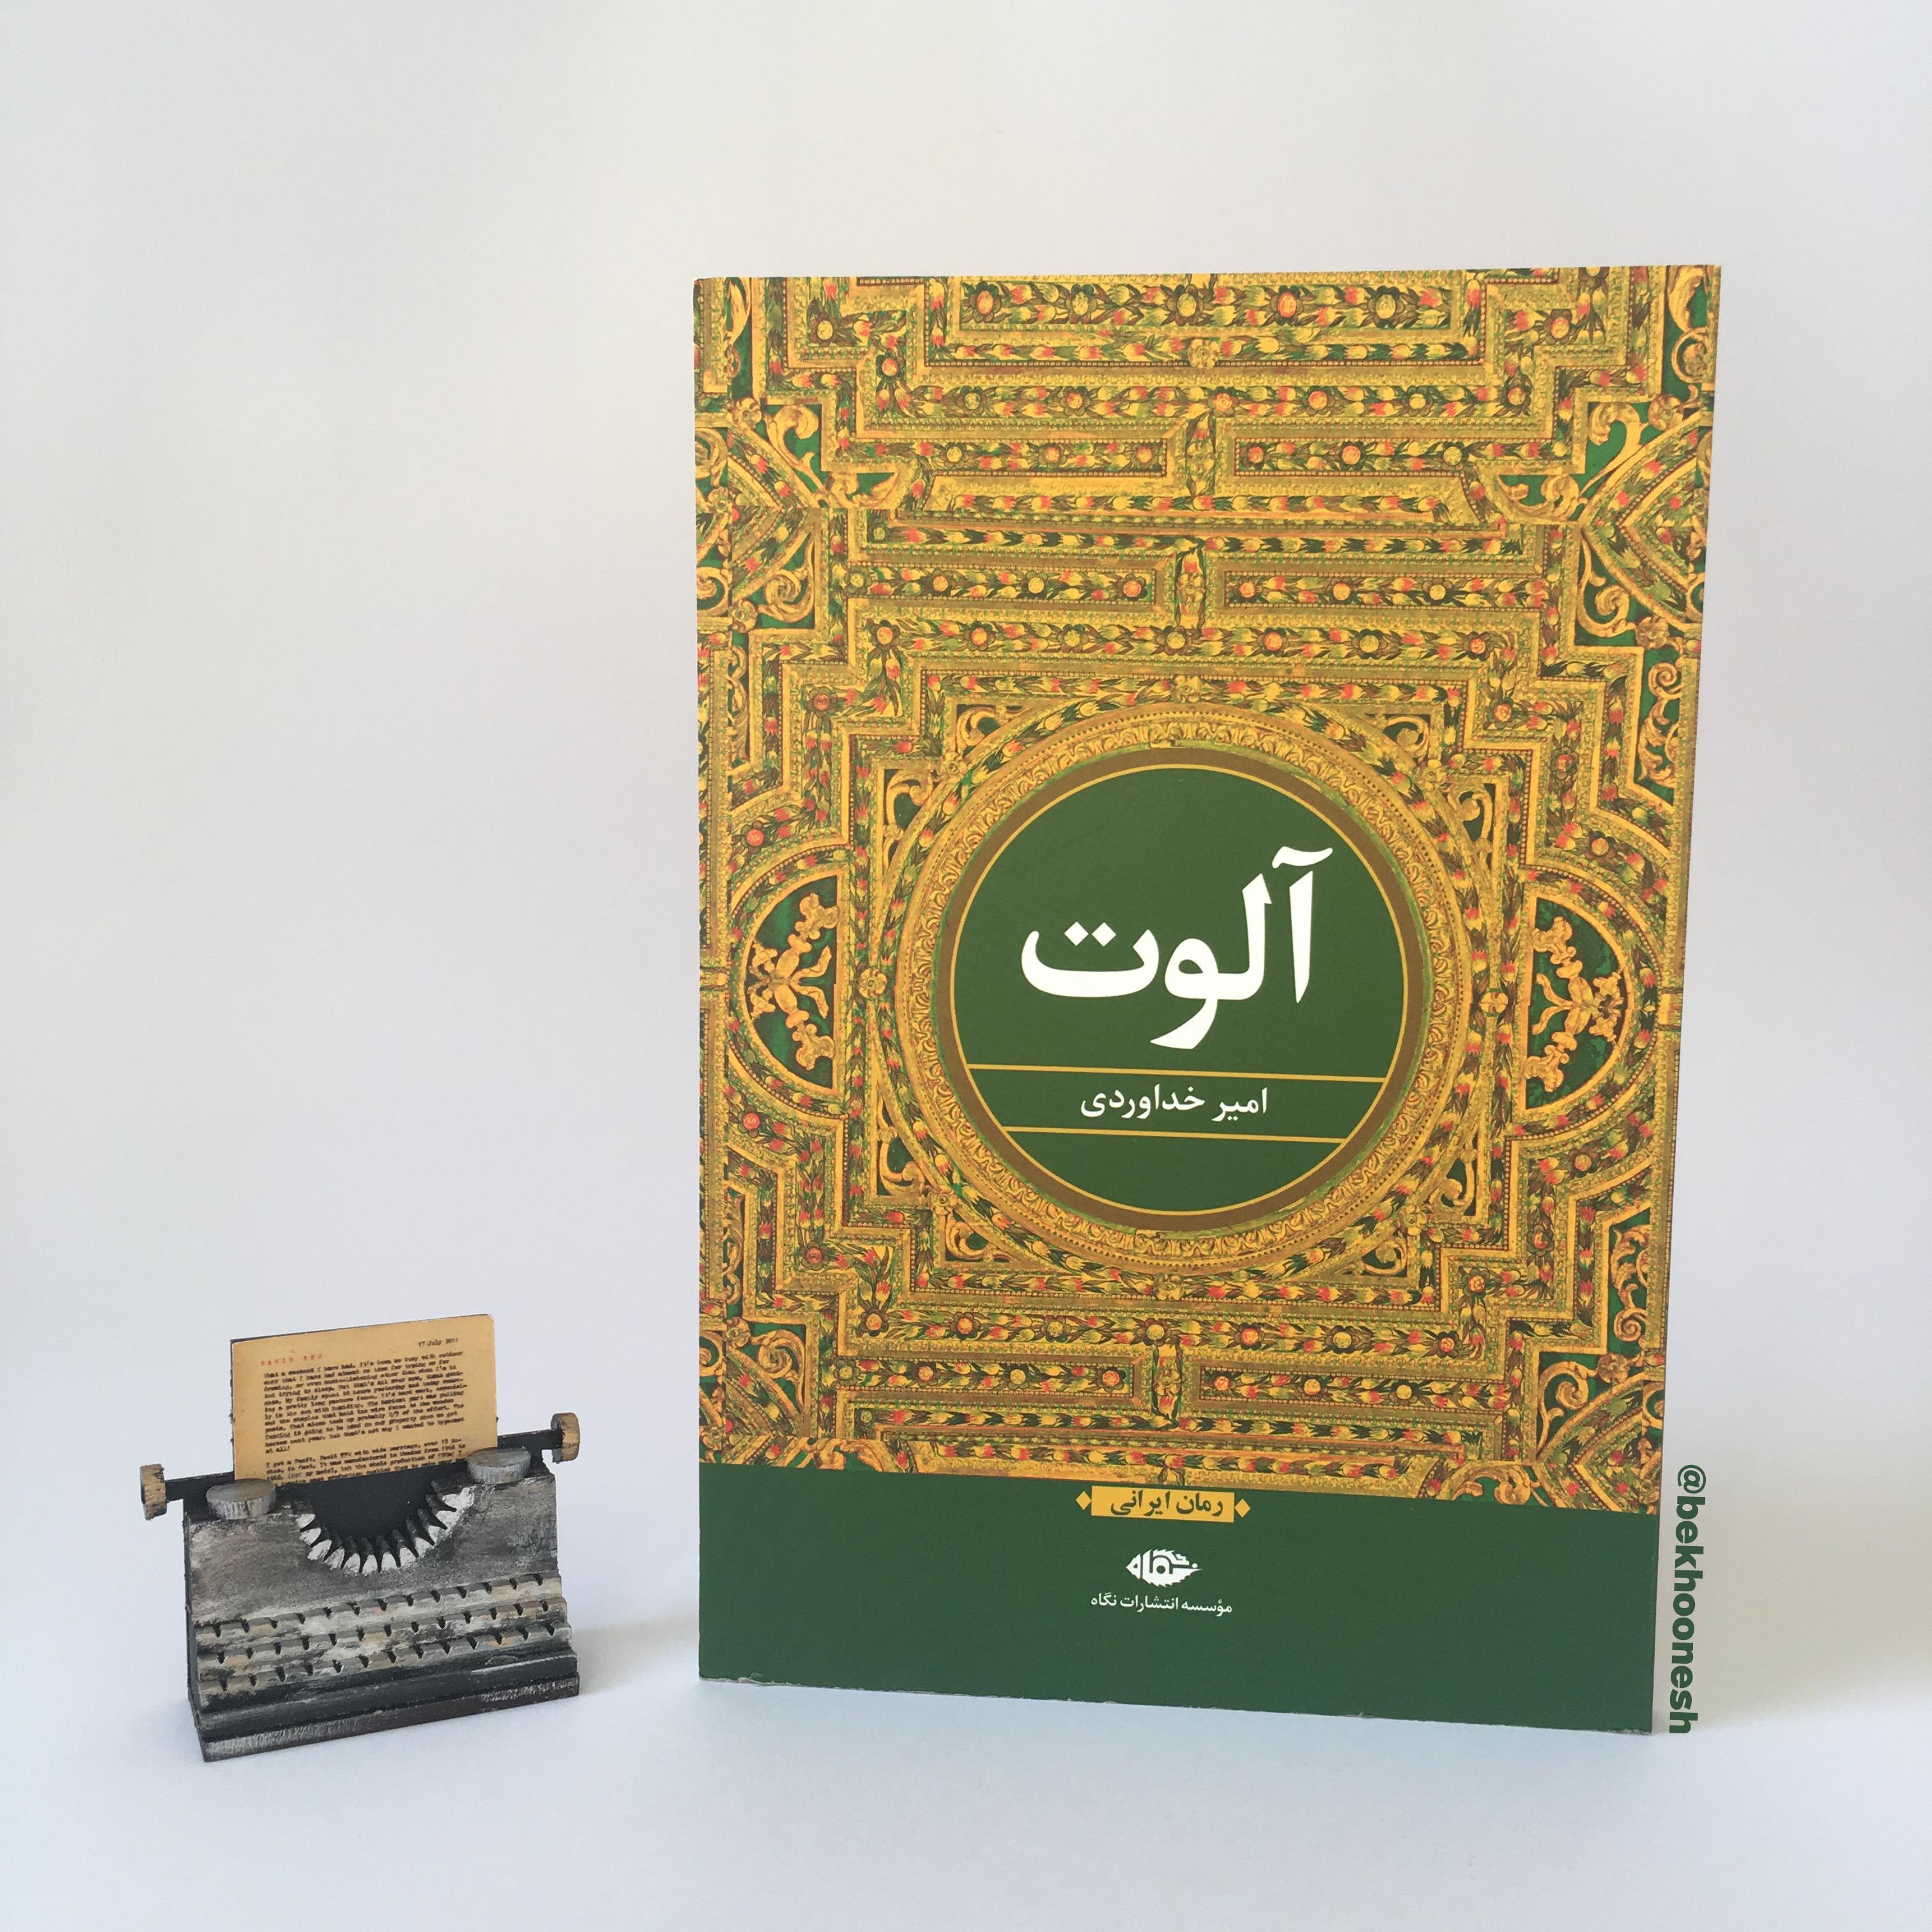 معرفی کتاب آلوت - امیر خداوردی